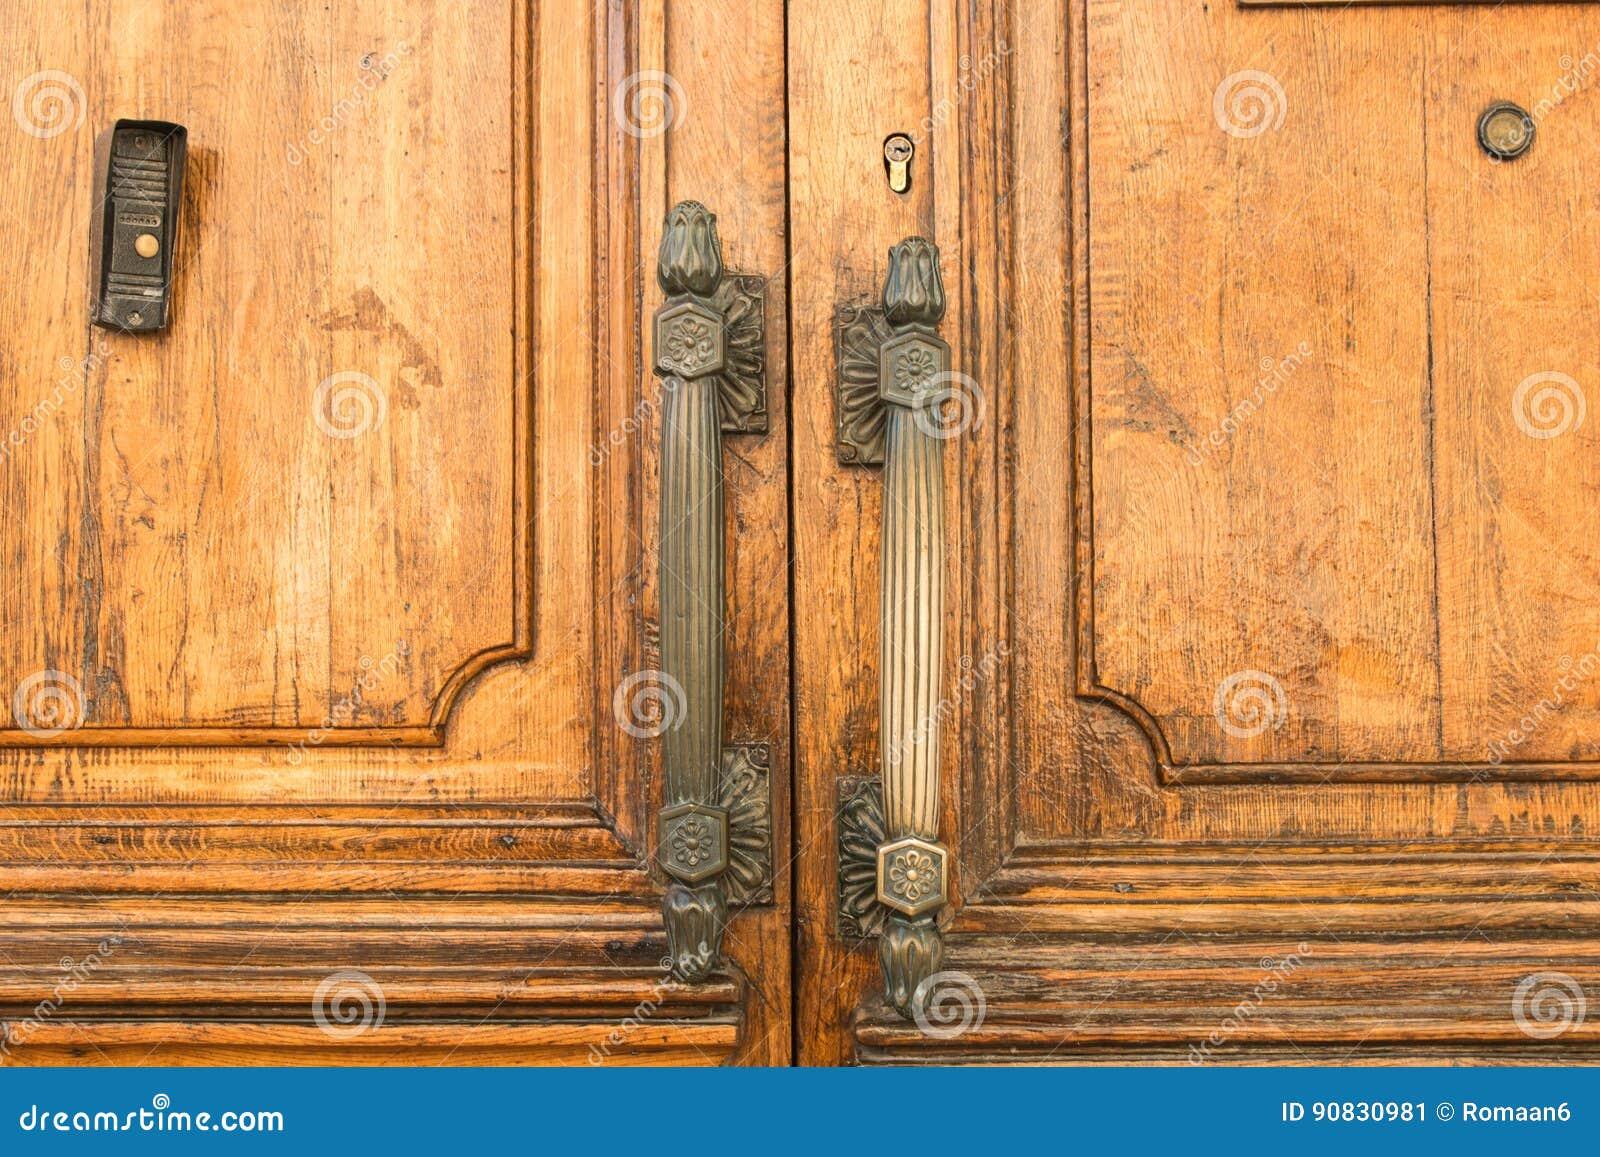 cierres para puertas de madera